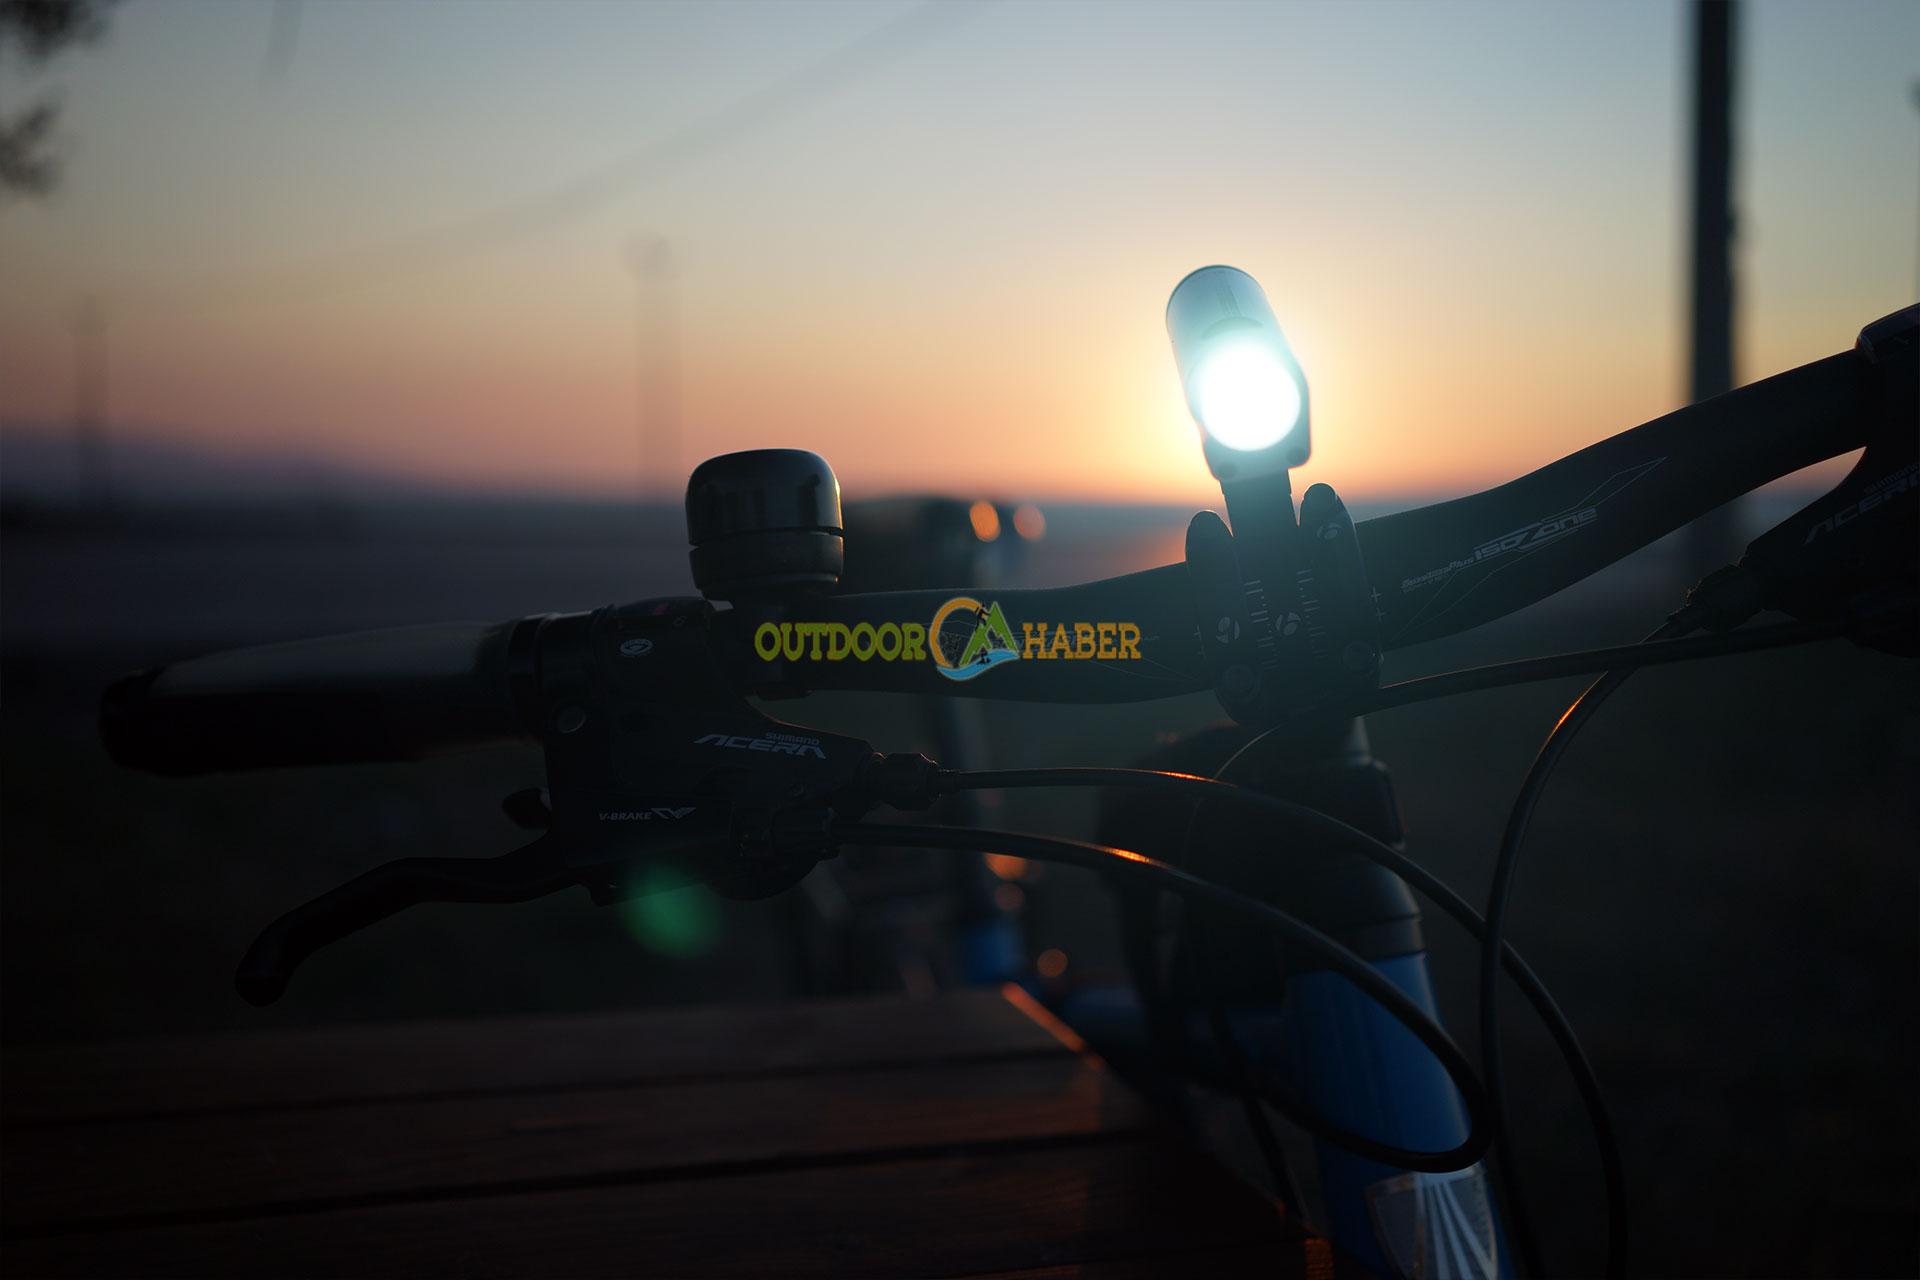 bontrager ion 700 bisiklet farı